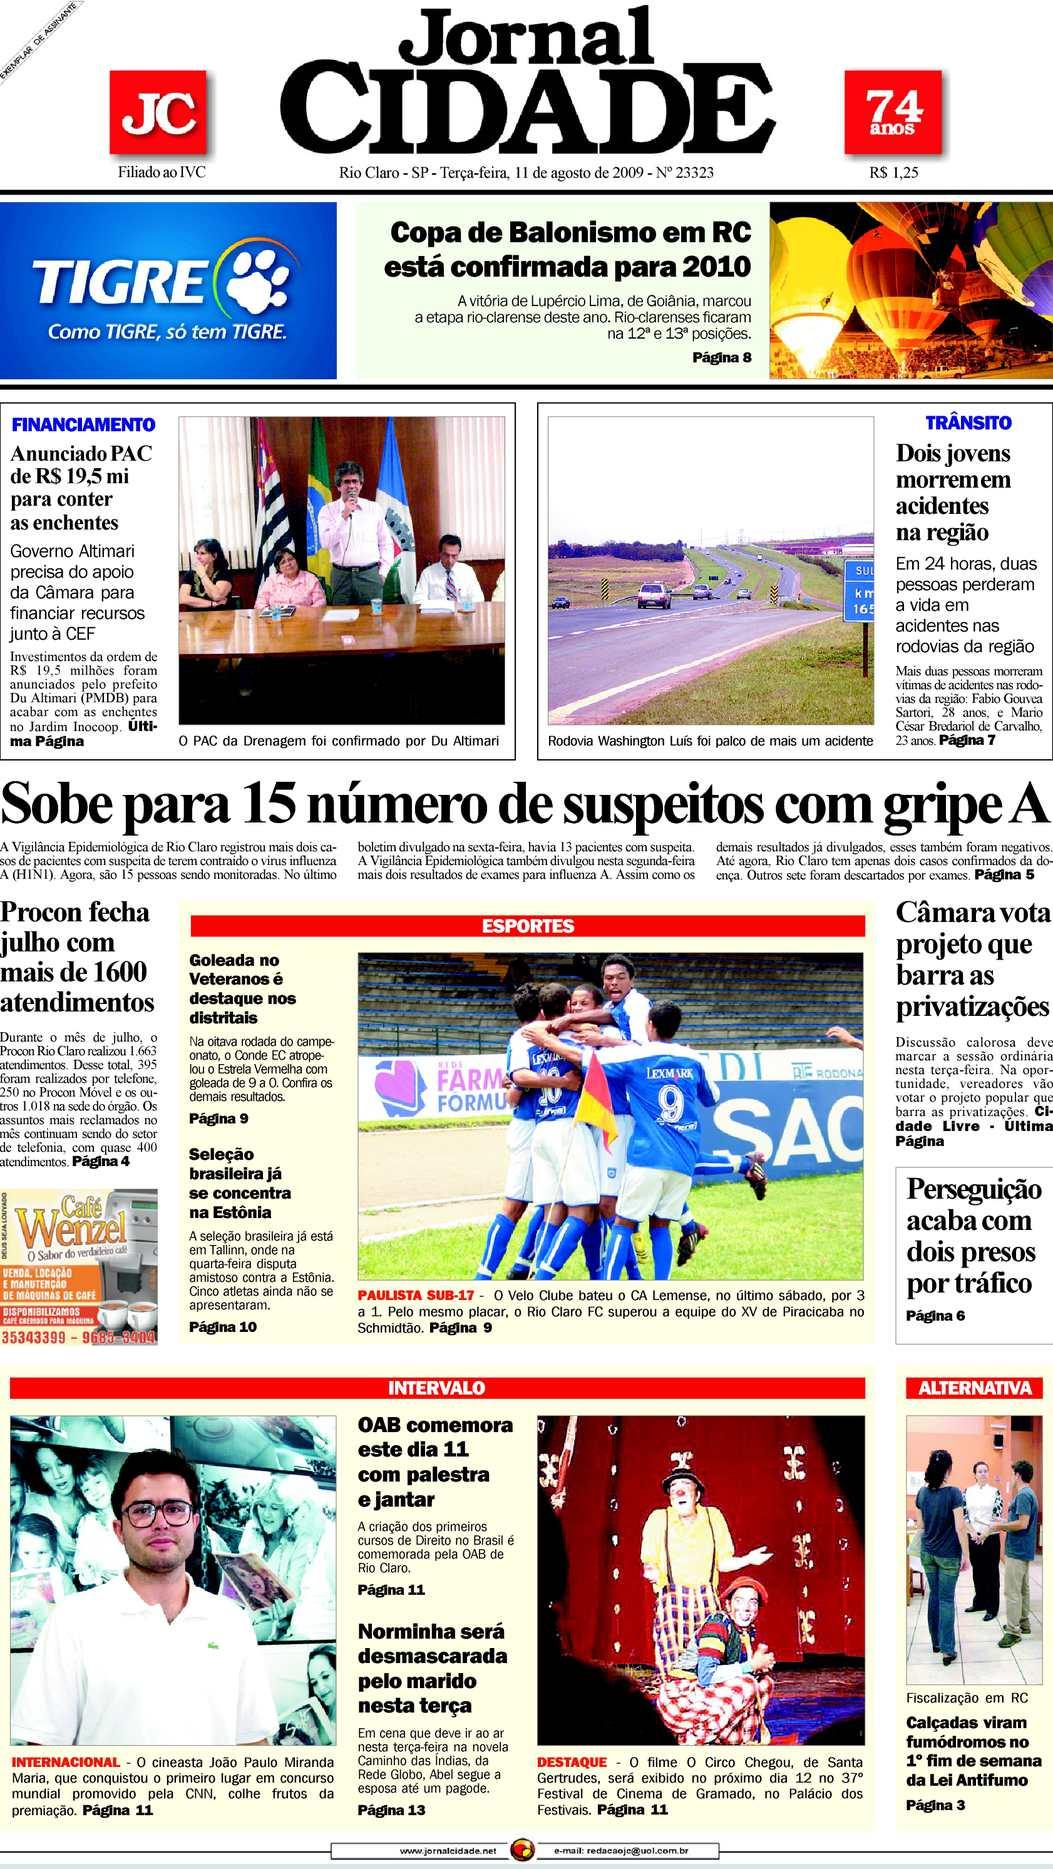 Calaméo - Jornal Cidade de Rio Claro - 11 08 2009 5496761080b